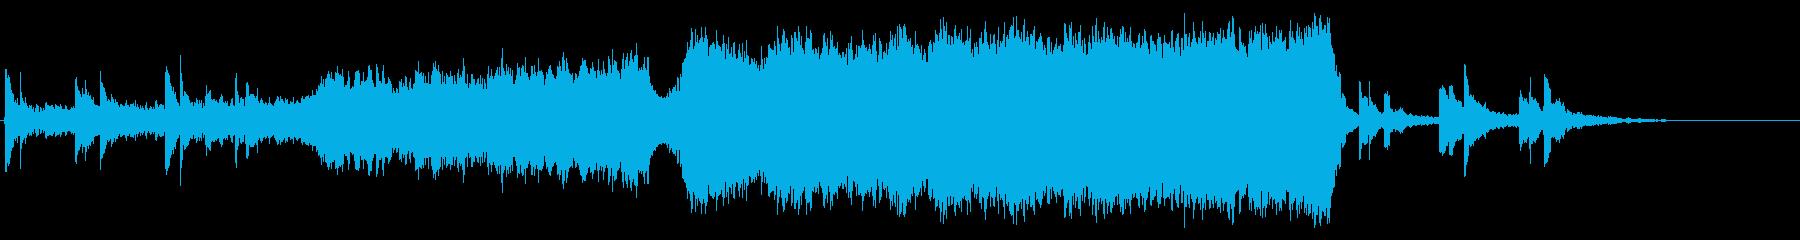 壮大な映画の予告編トレーラー音楽の再生済みの波形